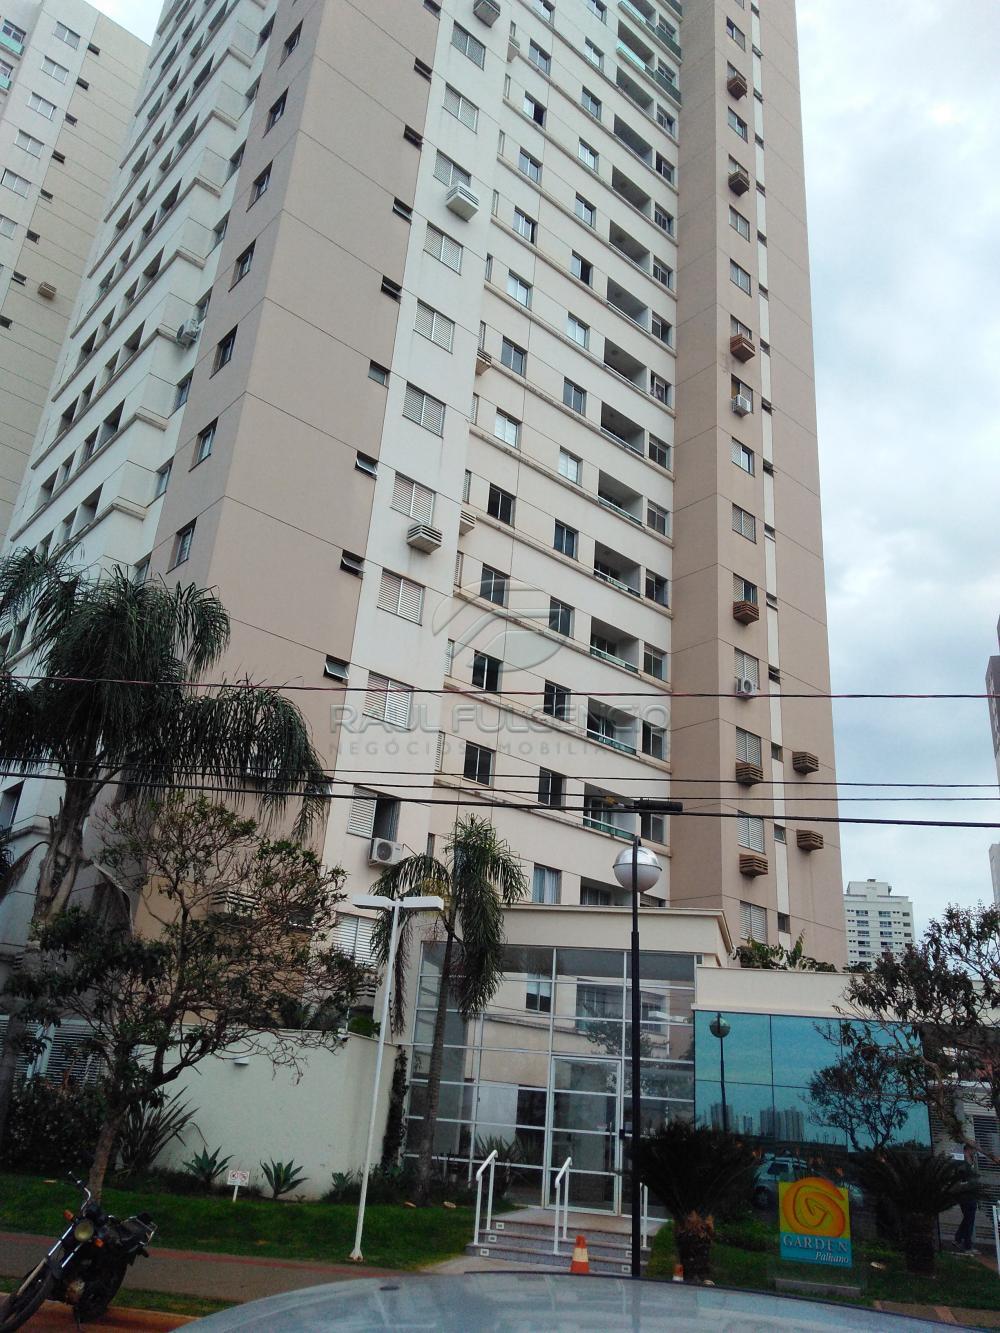 Comprar Apartamento / Padrão em Londrina apenas R$ 340.000,00 - Foto 1